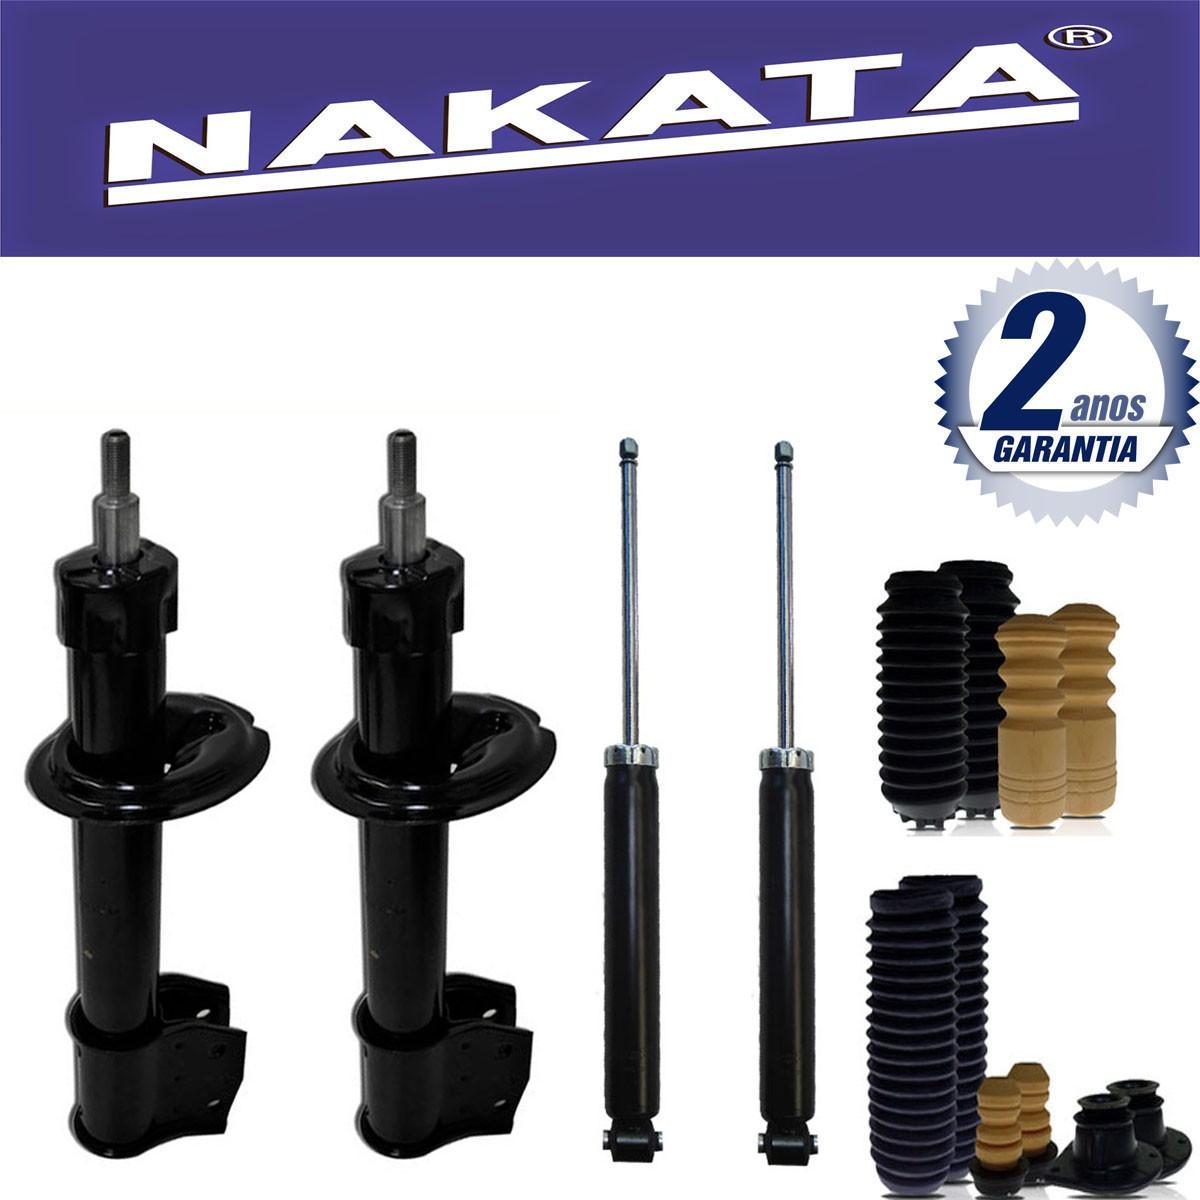 Jogo 04 Amortecedores Nakata Palio Fire Prato Pequeno 2001 Até 2006 + Kit da Suspensão